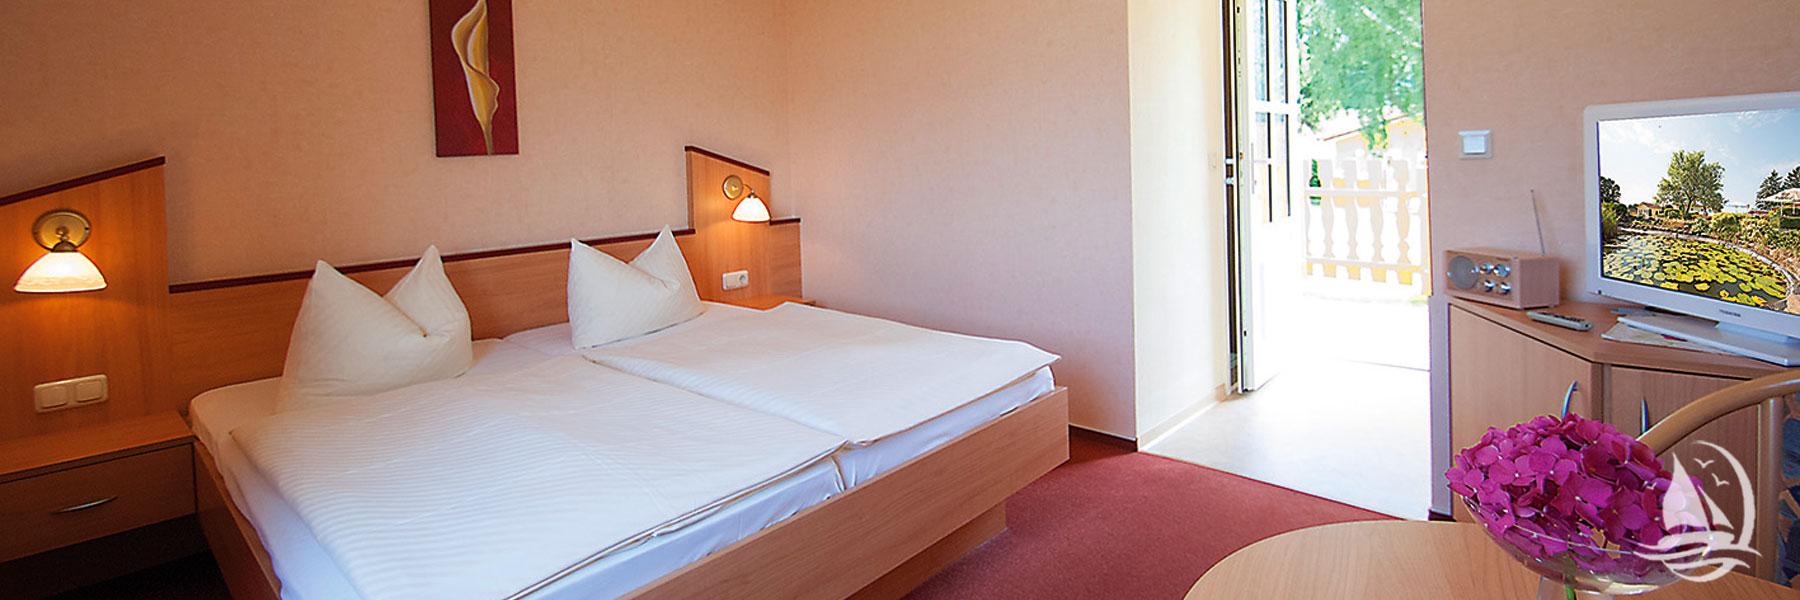 """Zimmer - Ferienanlage """"Zum See"""""""